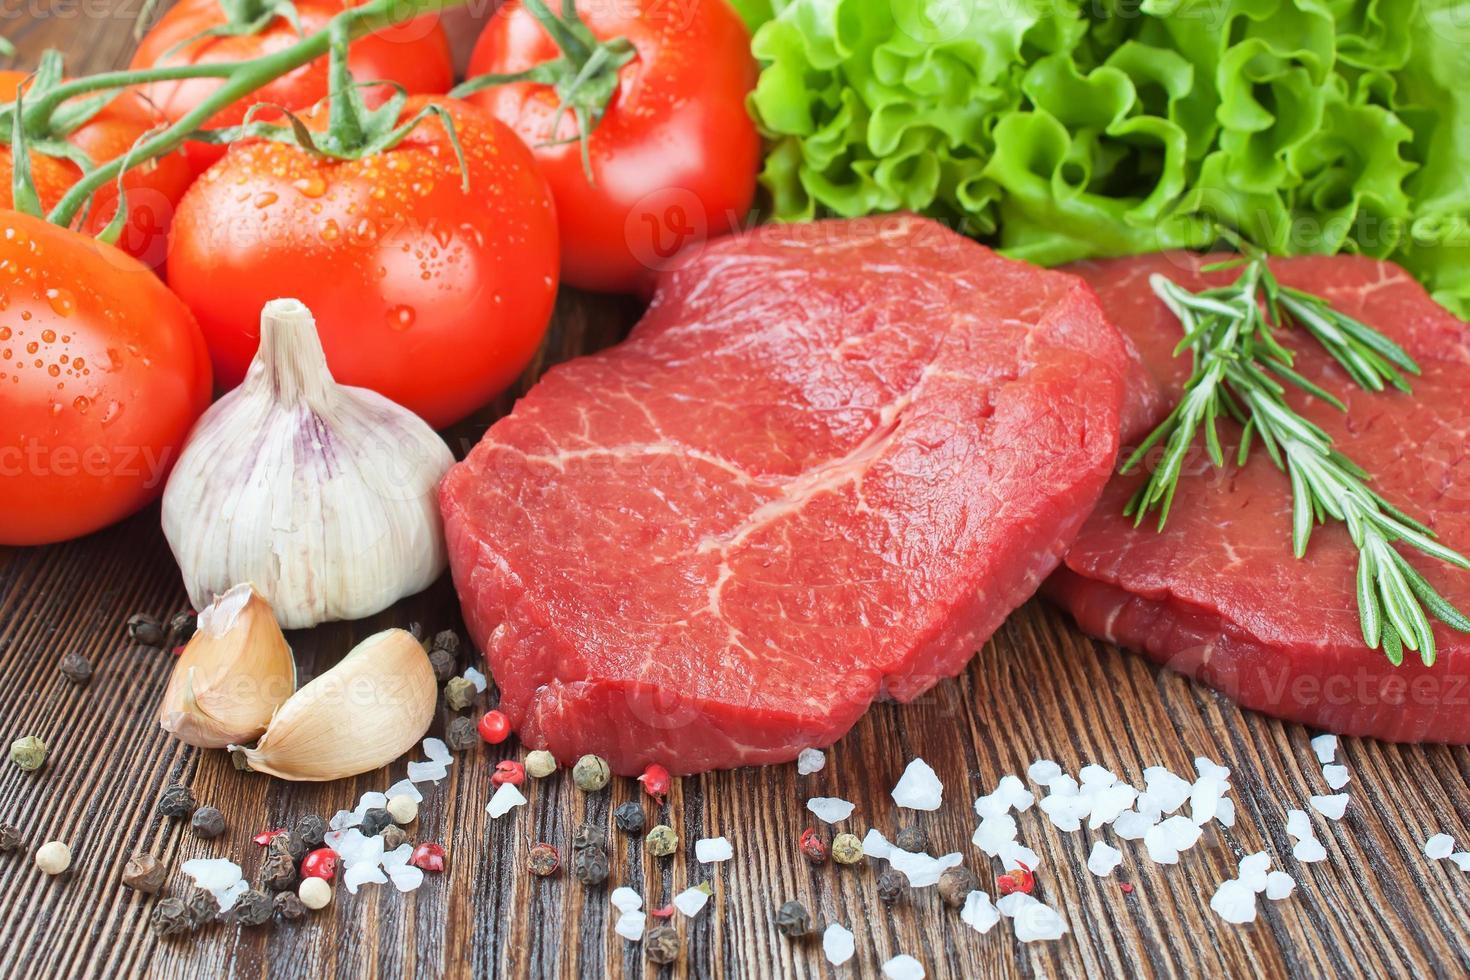 bistecca di manzo cruda con verdure e spezie foto